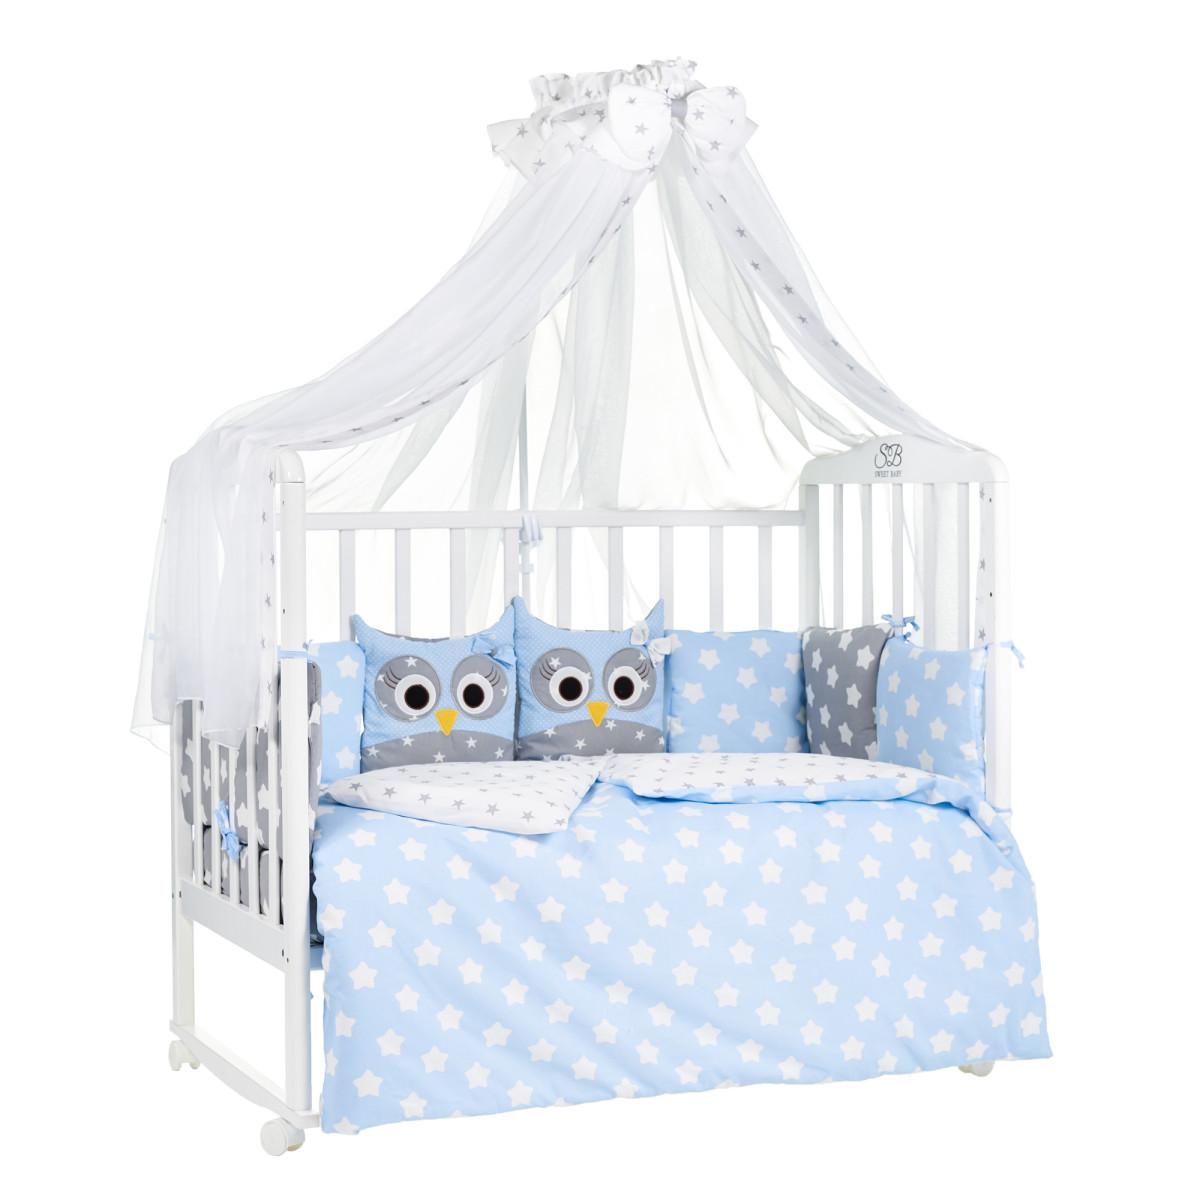 Комплект Постельного Белья Sweet Baby Uccellino В Кроватку Бязь 7 Предметов